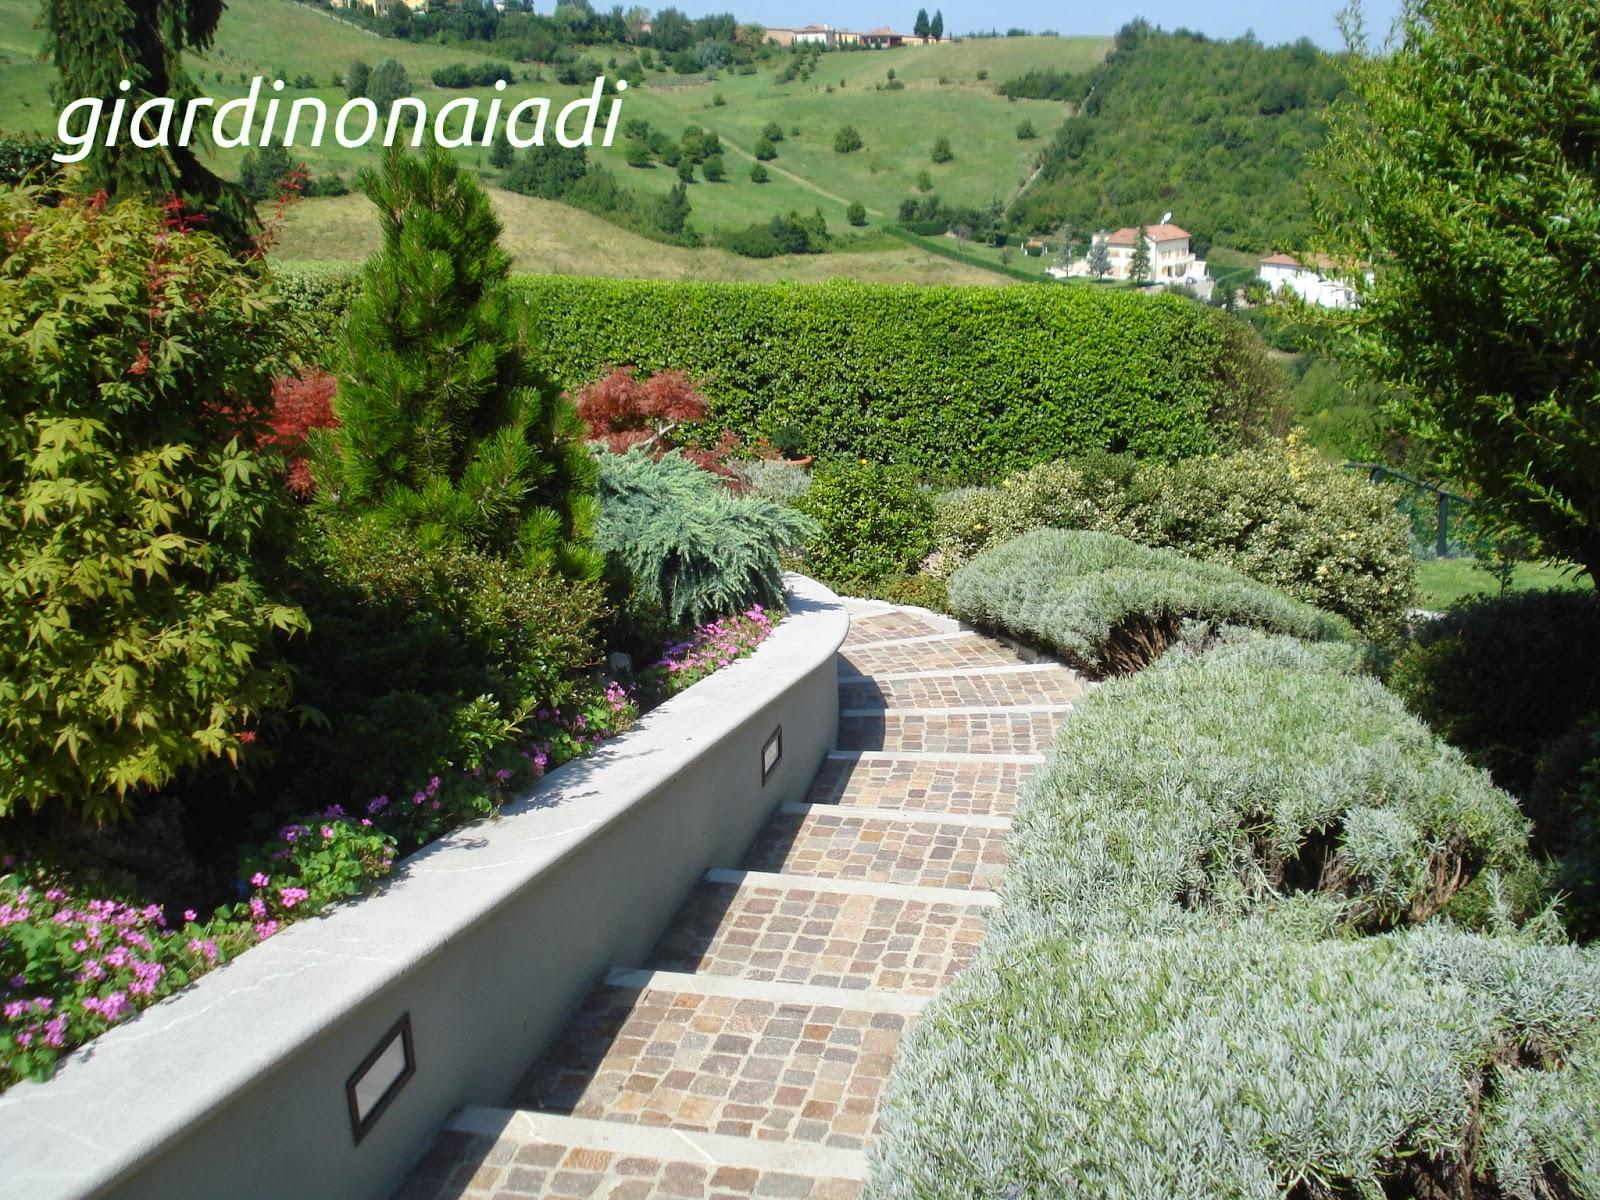 Il giardino delle naiadi due passi in giardino prima parte - Scale per giardini ...